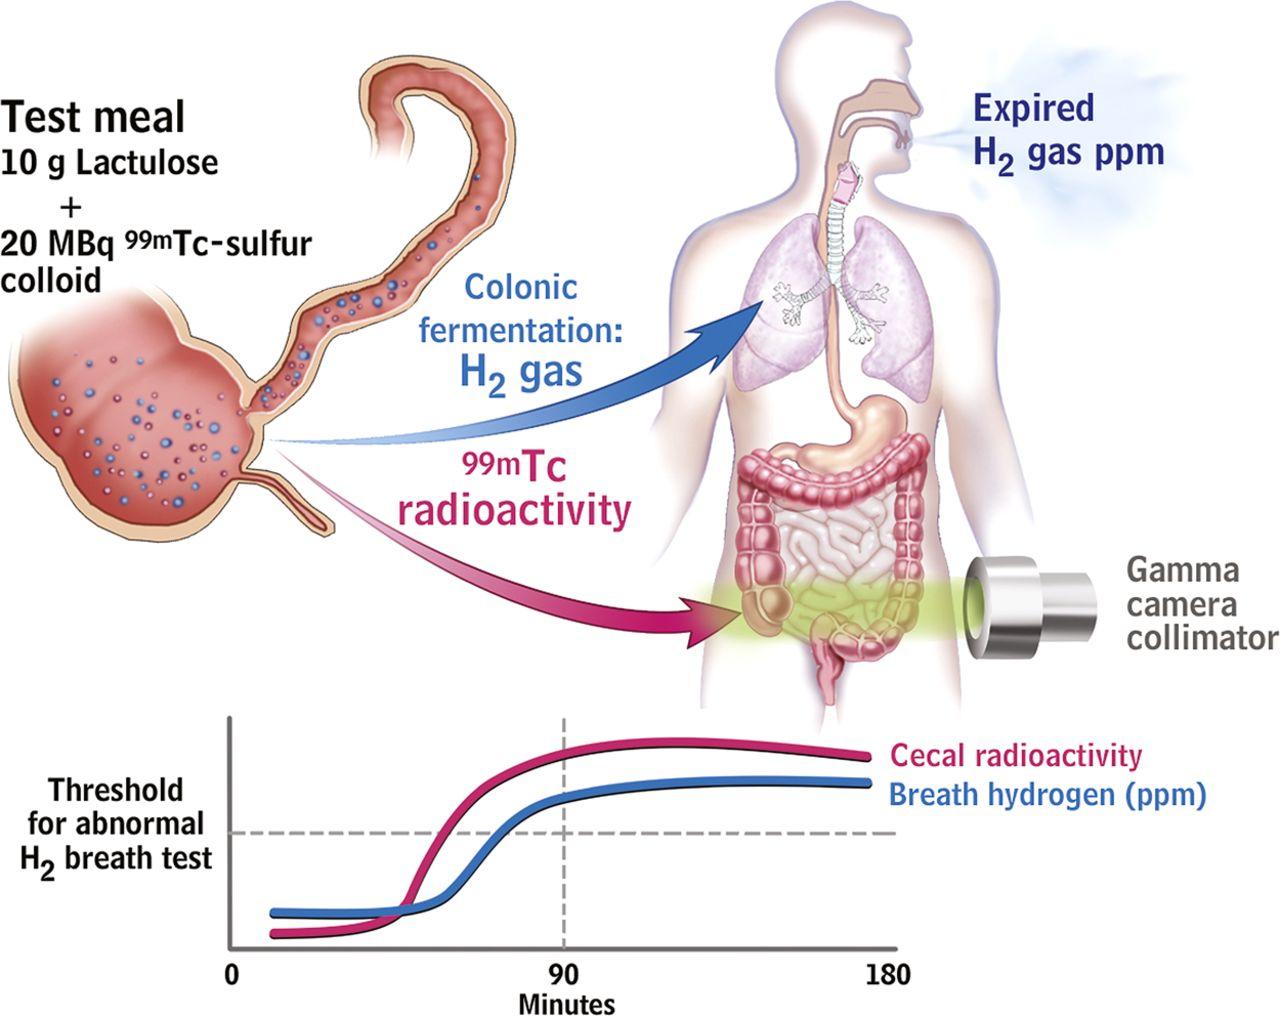 Dysbiosis in functional bowel disorders - Dysbiosis in functional bowel disorders